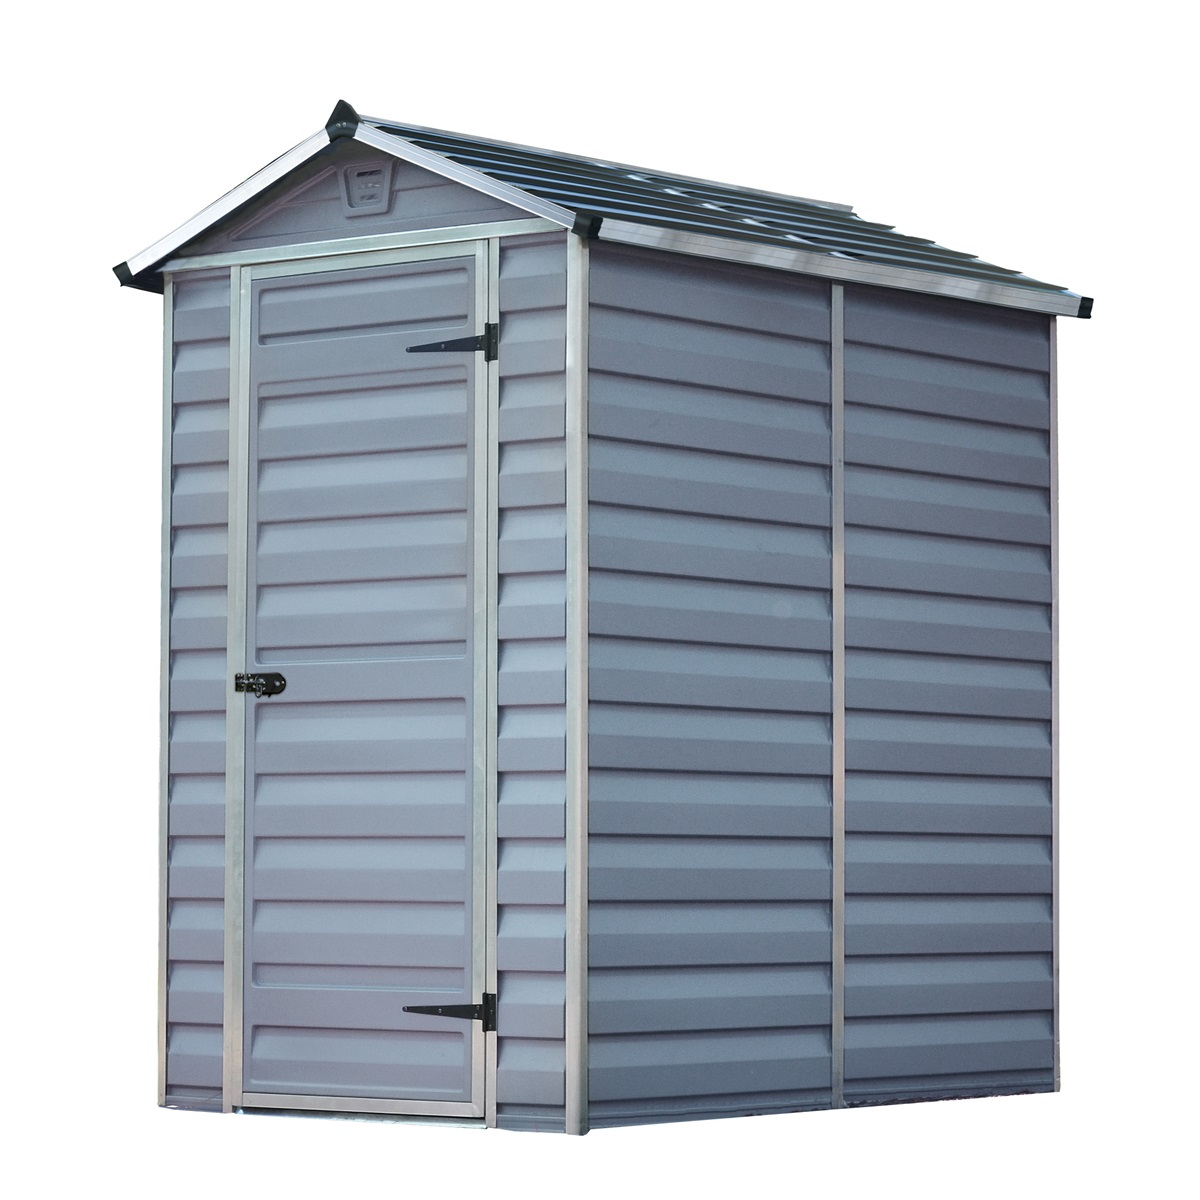 Palram Skylight 4x6 šedý, záhradný domček